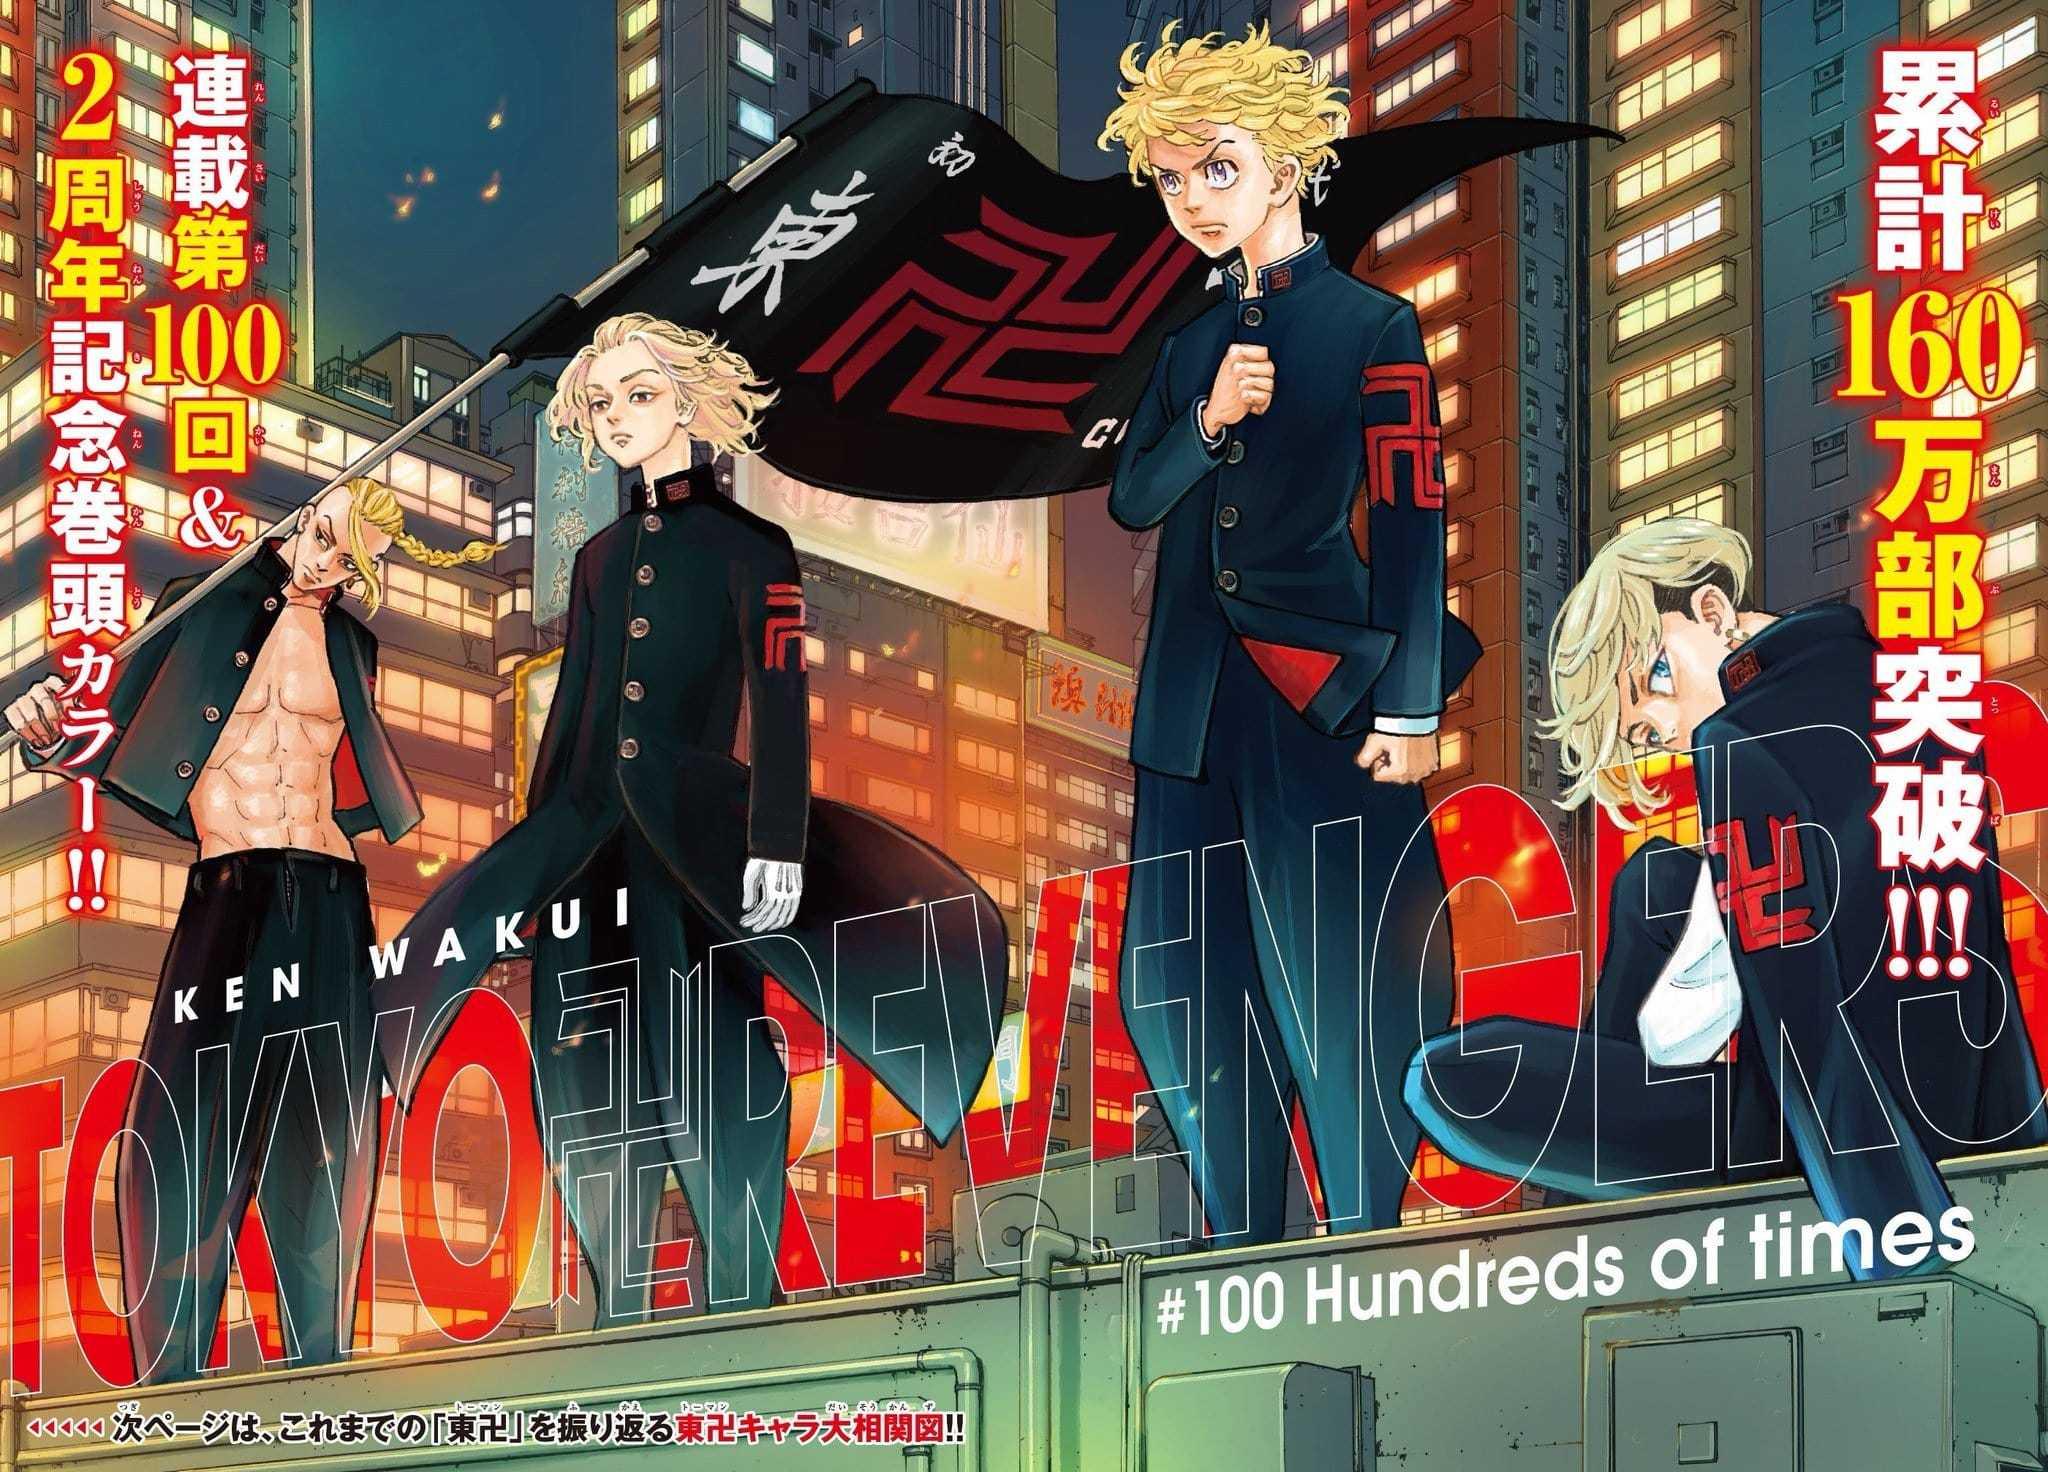 Wallpaper Anime 3d Tokyo Revengers gambar ke 8